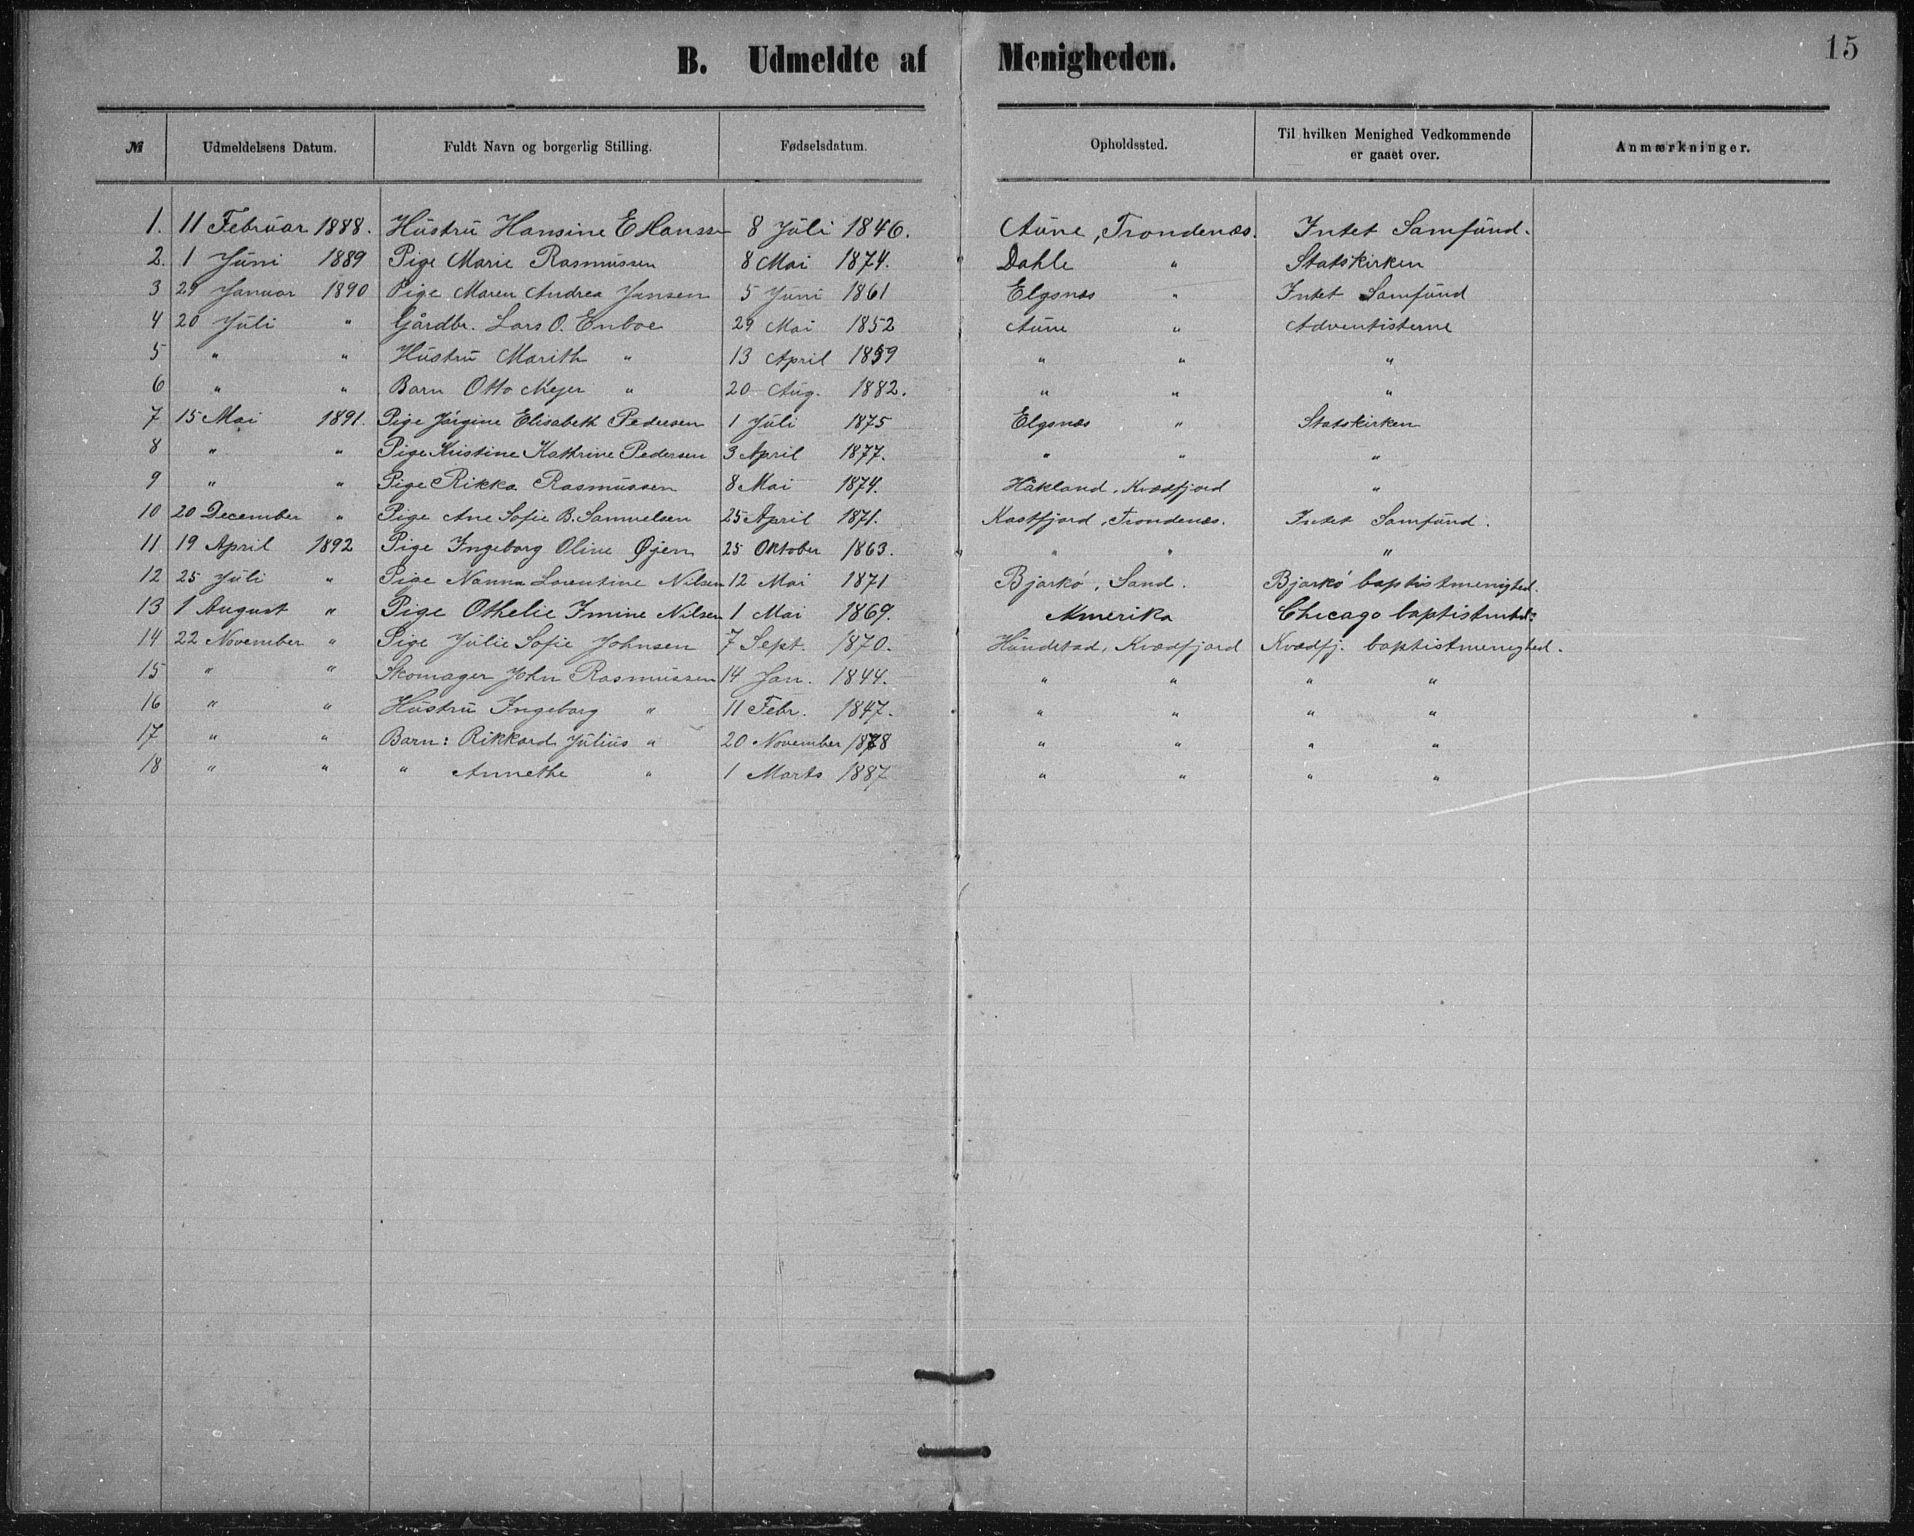 SATØ, Aune baptistmenighet, F/L0005DP: Dissenterprotokoll nr. 5, 1887-1892, s. 15